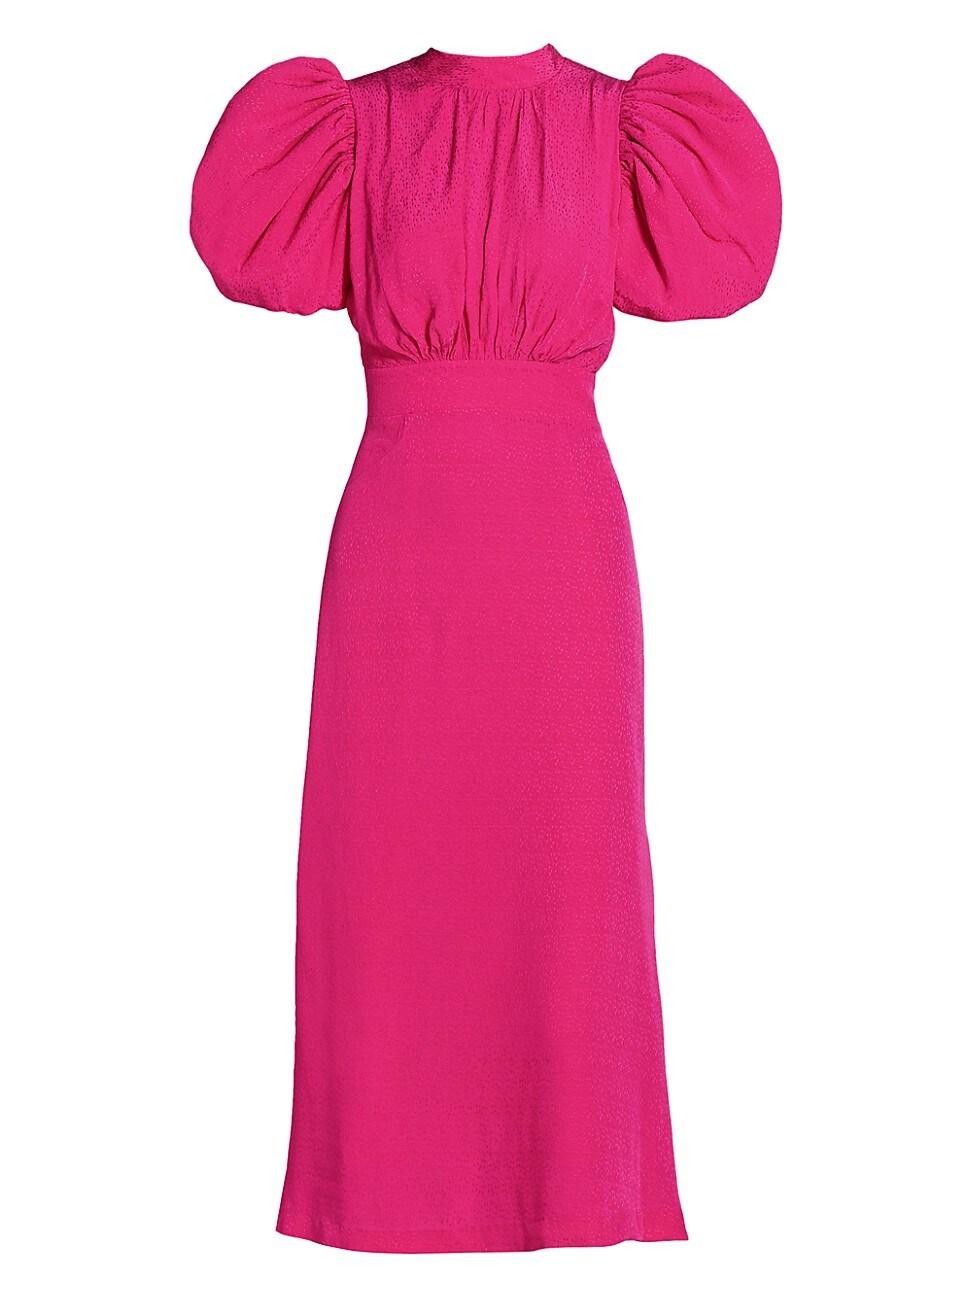 Rotate Birger Christensen WOMEN'S DAWN PUFF-SLEEVE DRESS